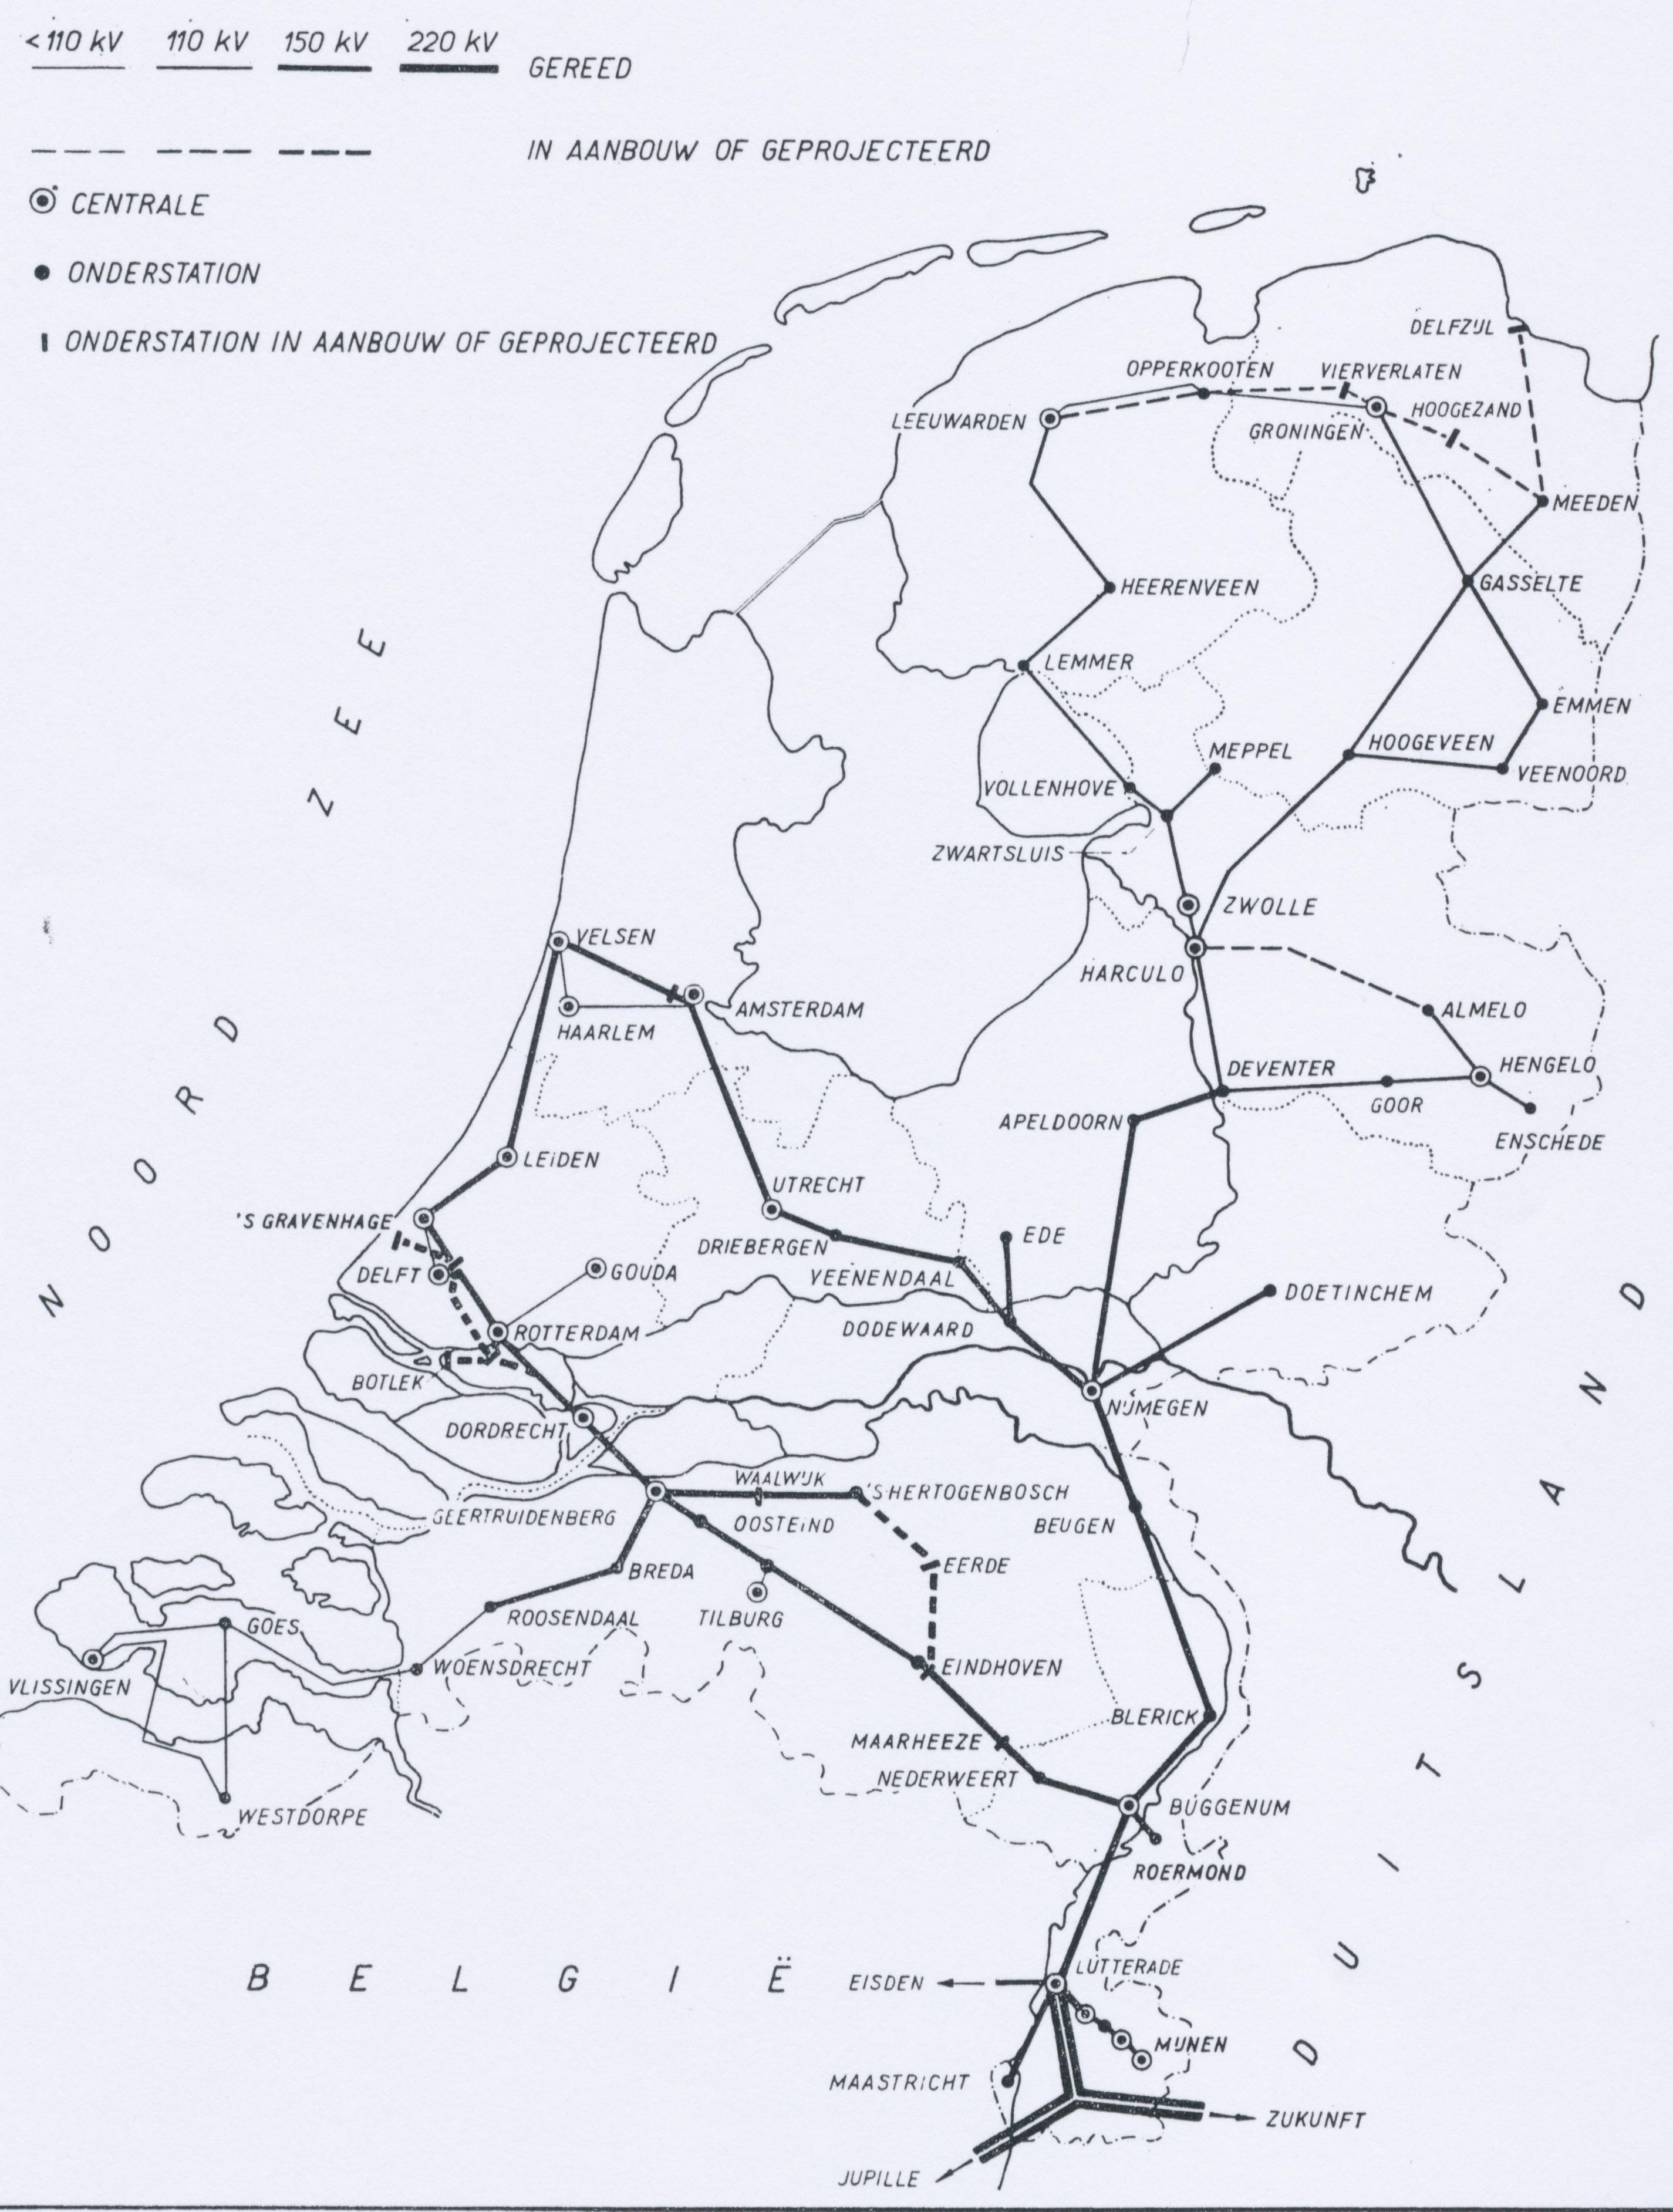 Netkaart 1956